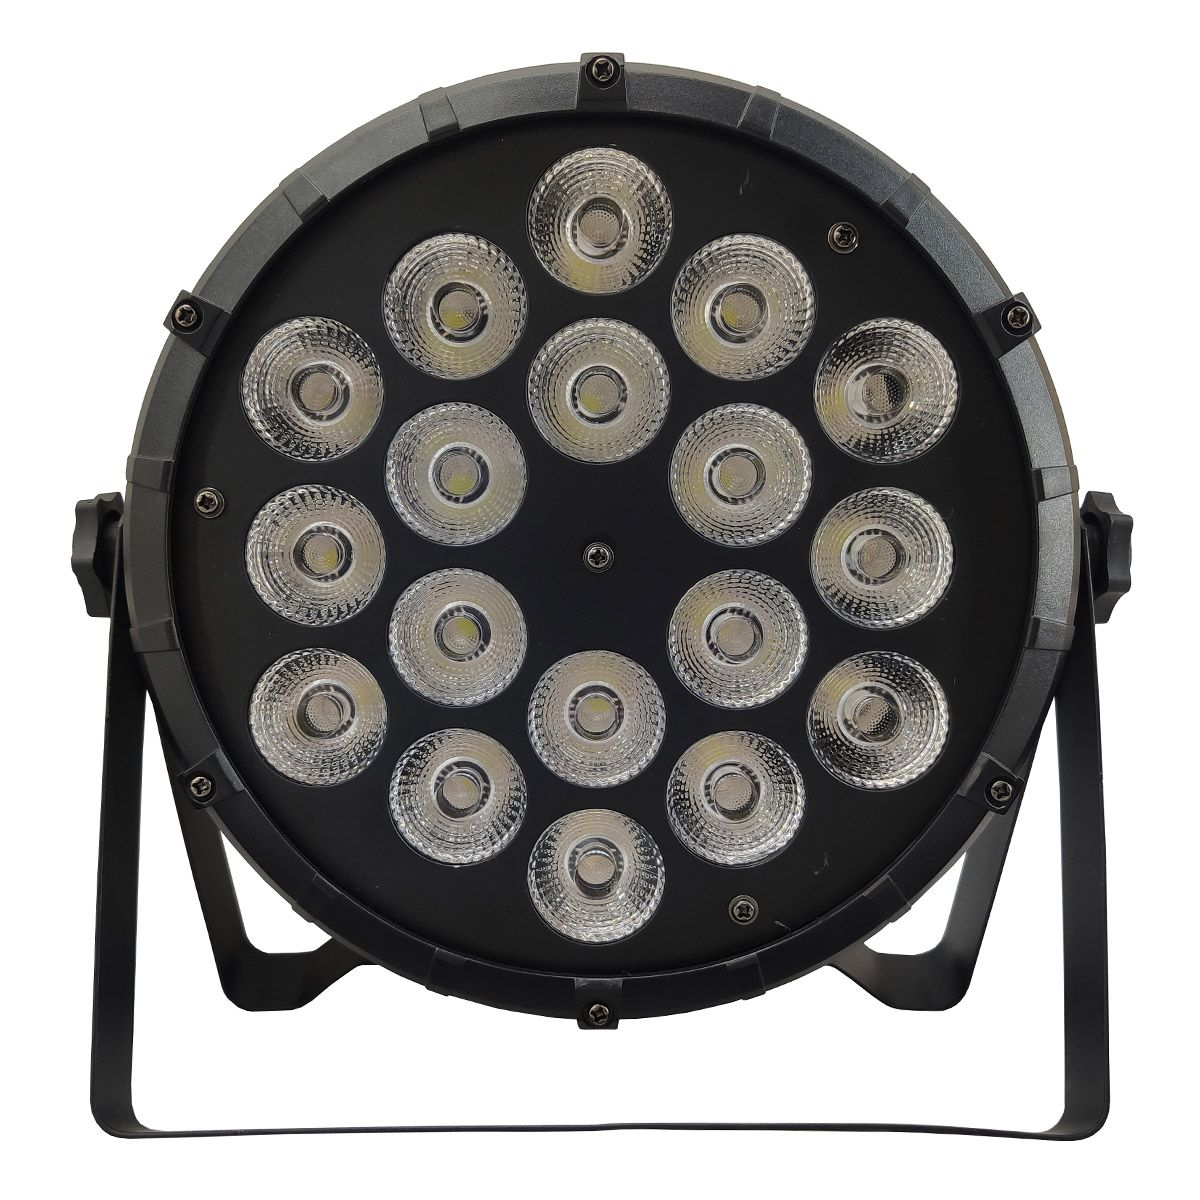 Kit 4 Unidades - Canhão Par Led 18 x 12w RGBW - Briwax  - RS Som e Luz!